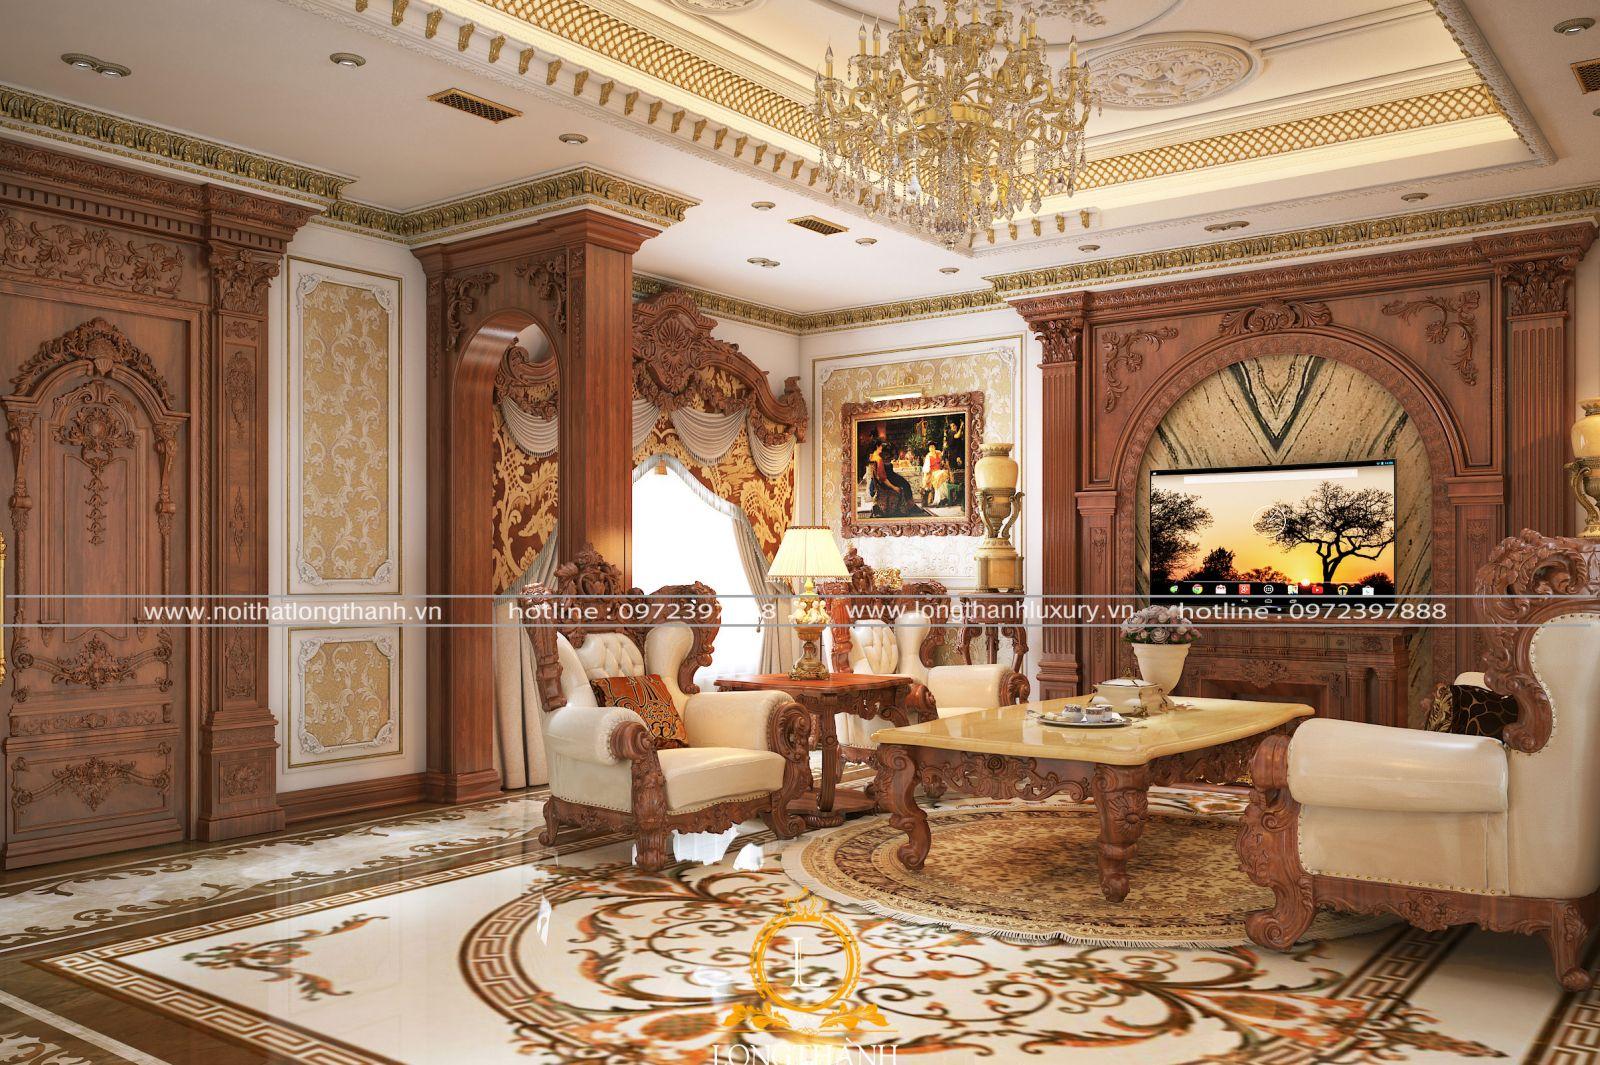 Phòng khách biệt thự đẹp phong cách Châu Âu